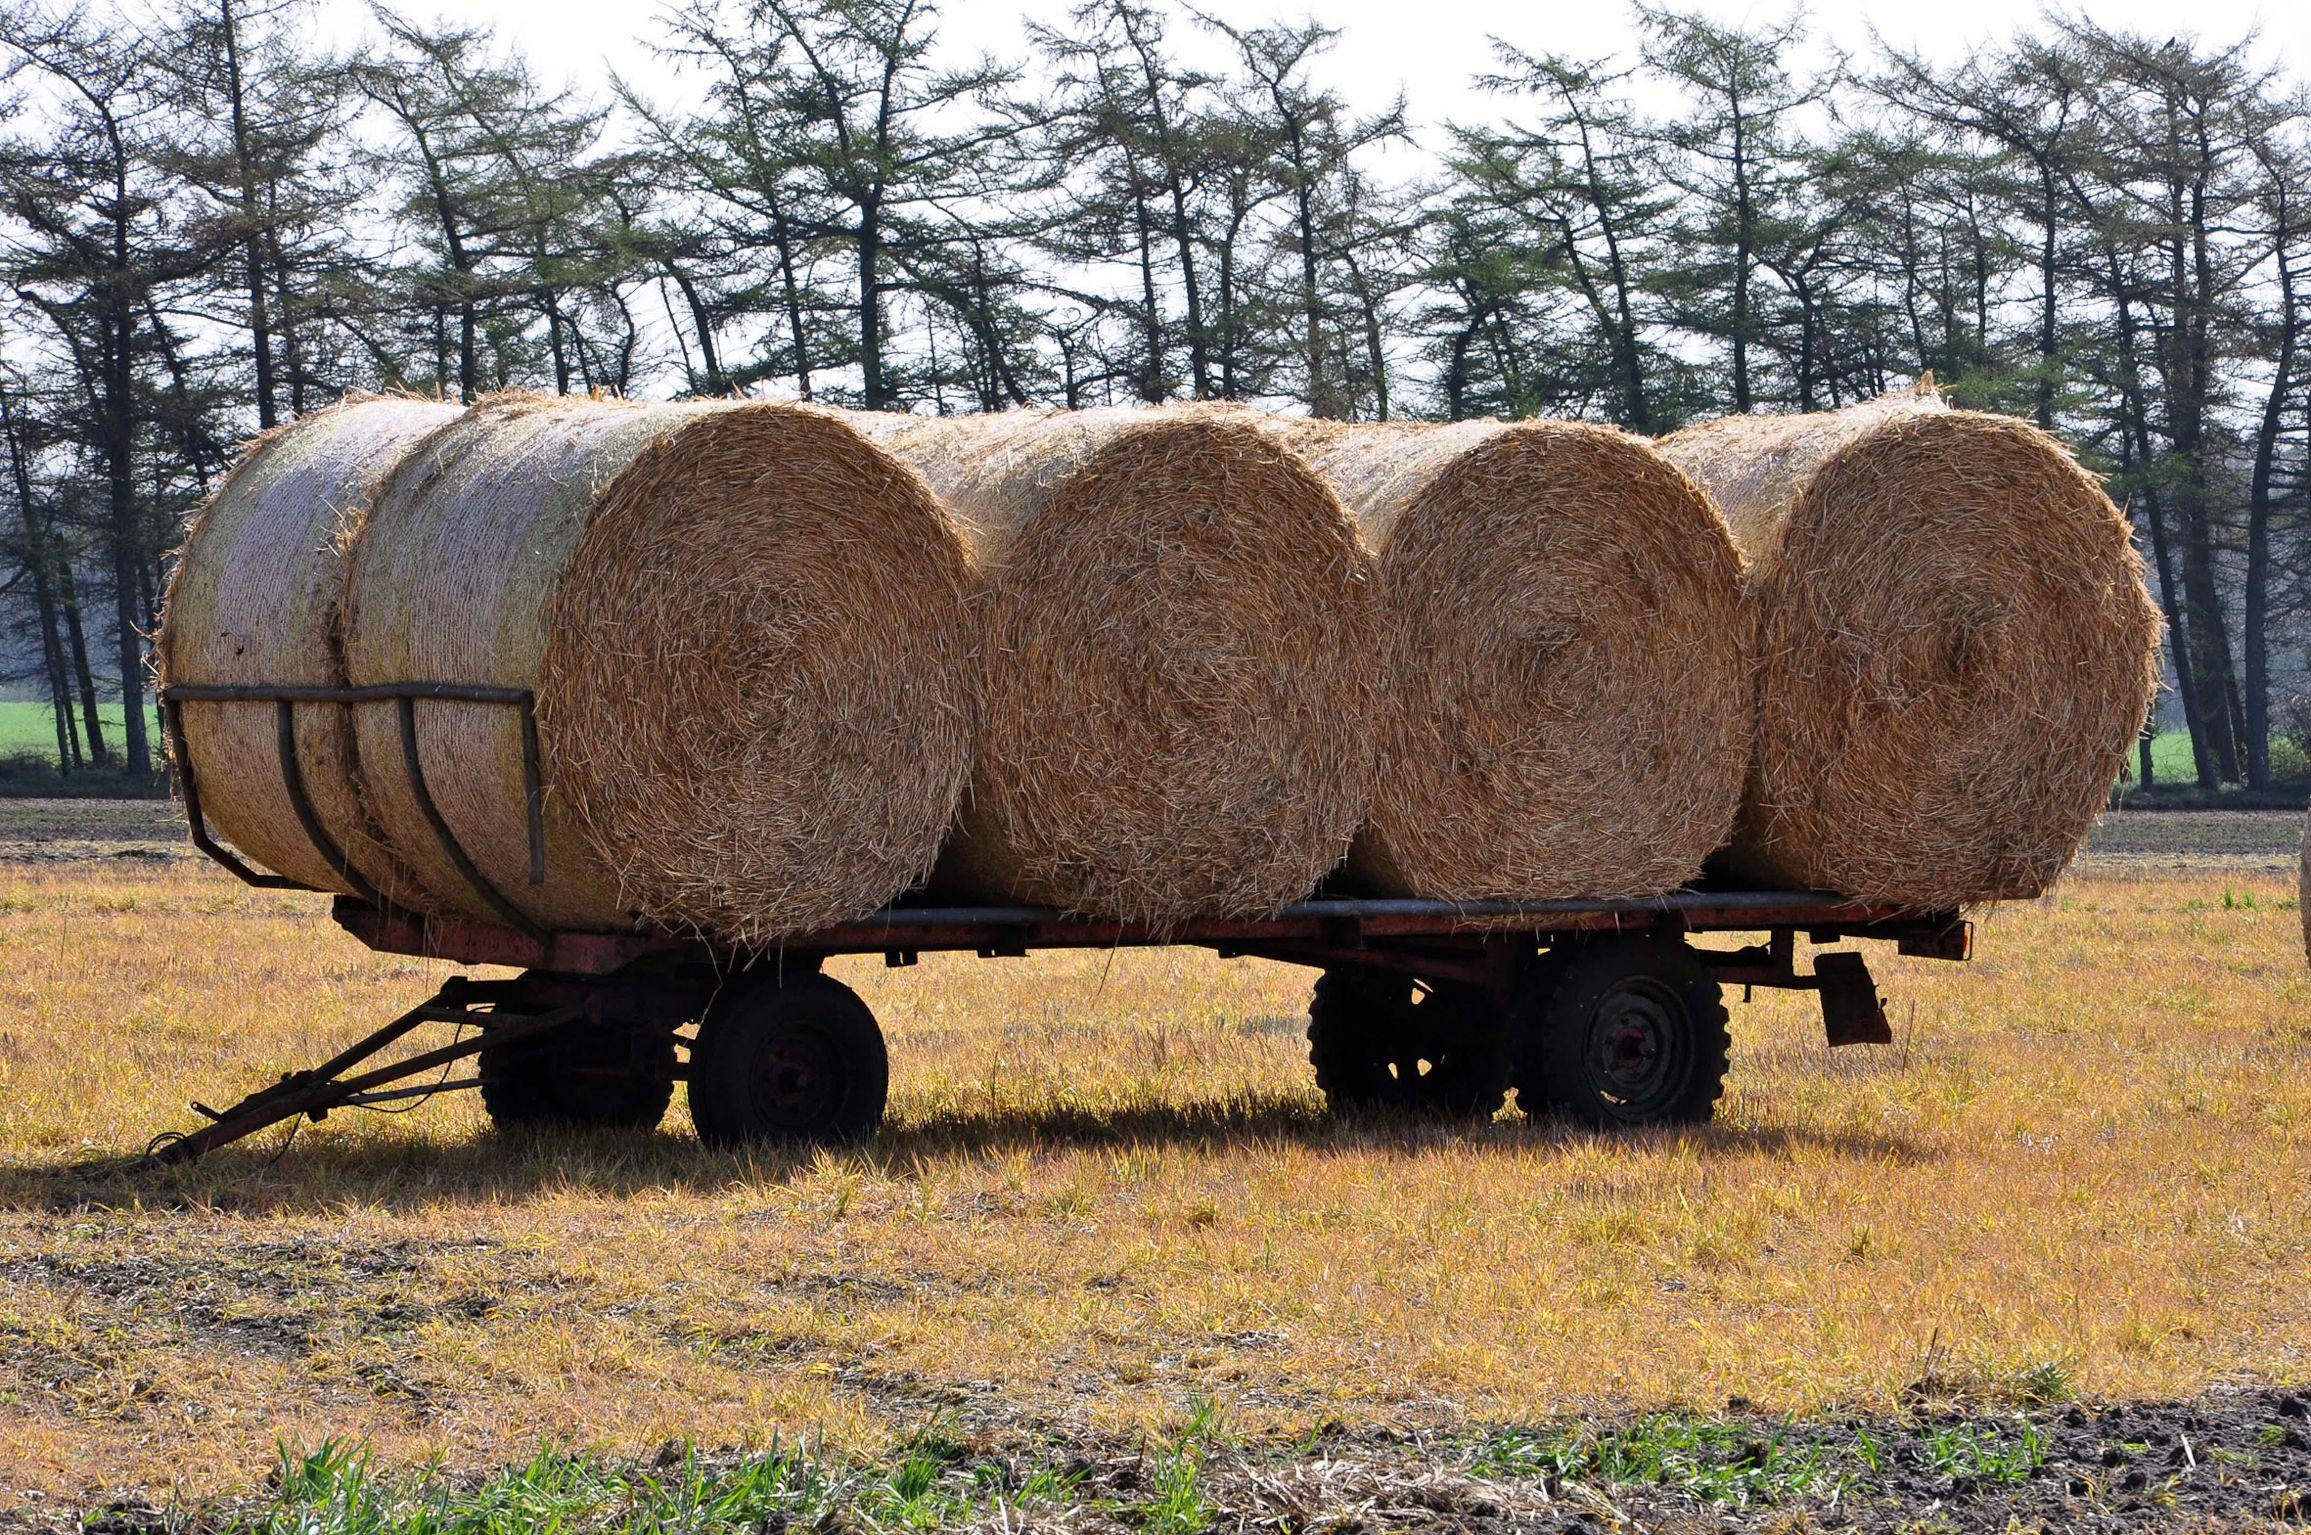 Begehrtes Stroh – Pilzanbauer als nachhaltige Nutzer